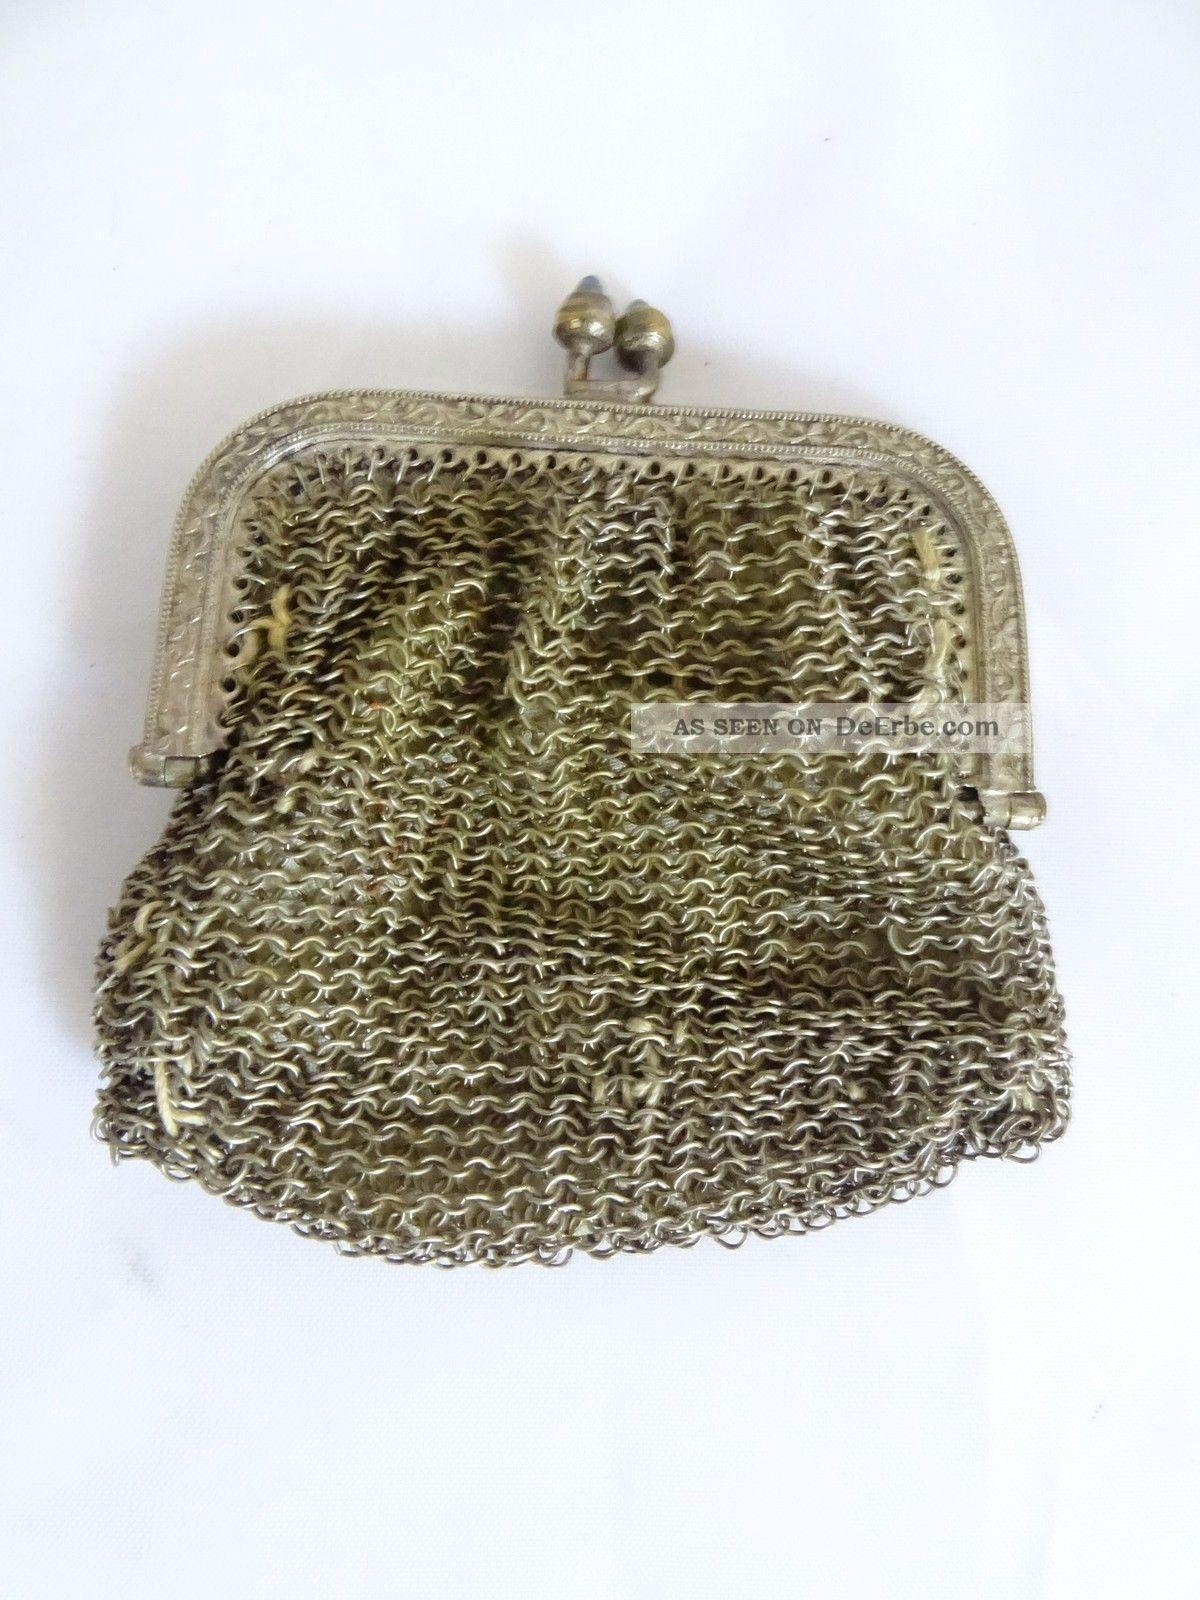 Seltener Miniatur Geldbeutel Alpacca Versilbert Damen Vintage Geldbörse Tasche Accessoires Bild